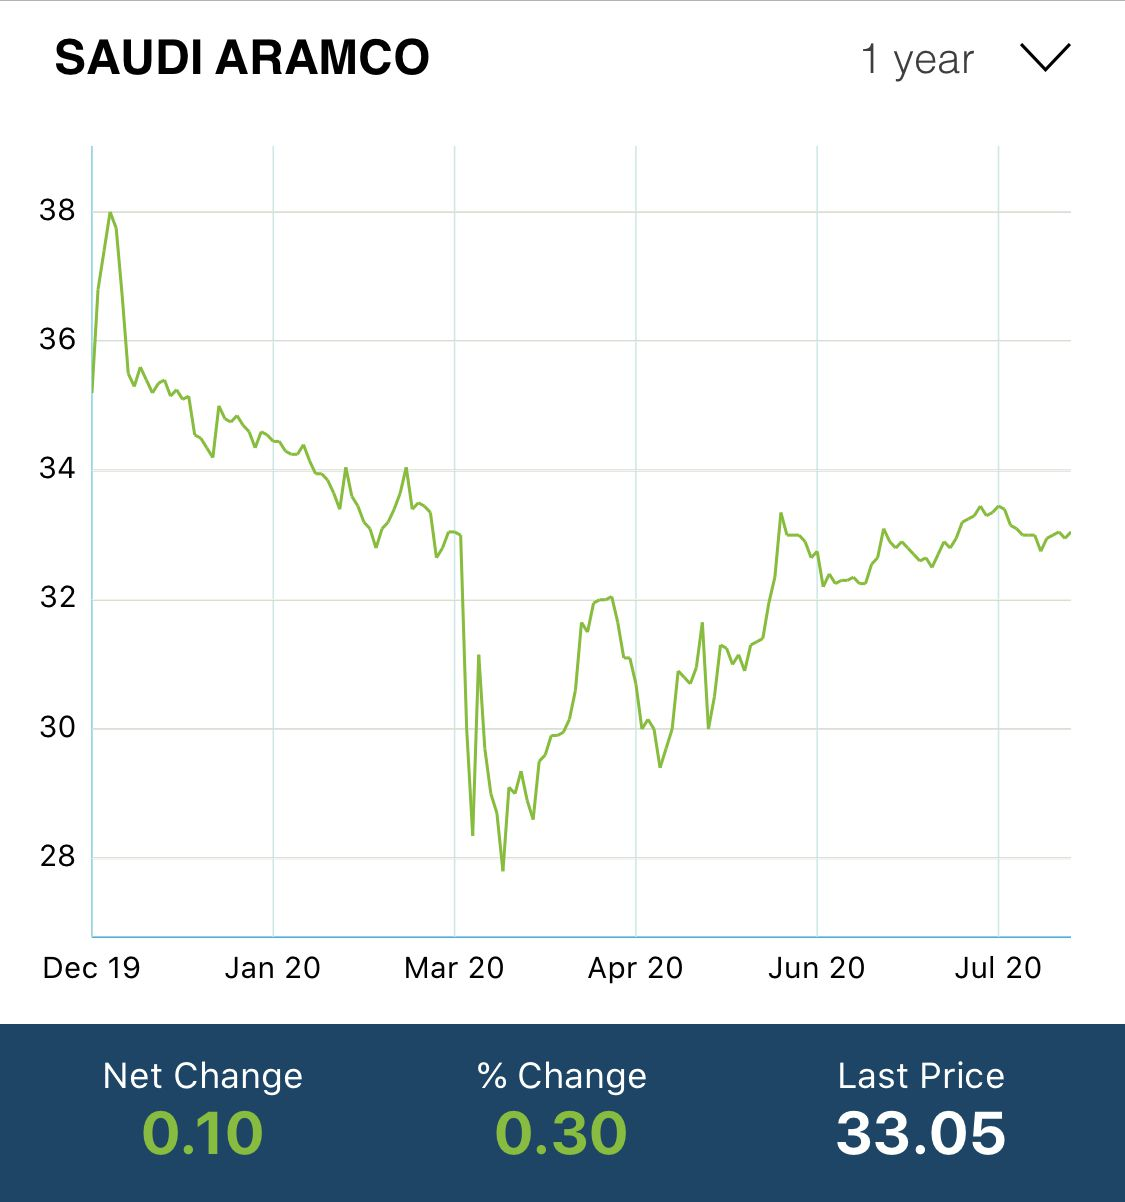 利润骤然下滑 收入压力山大 沙特阿美如何面对历史性变革